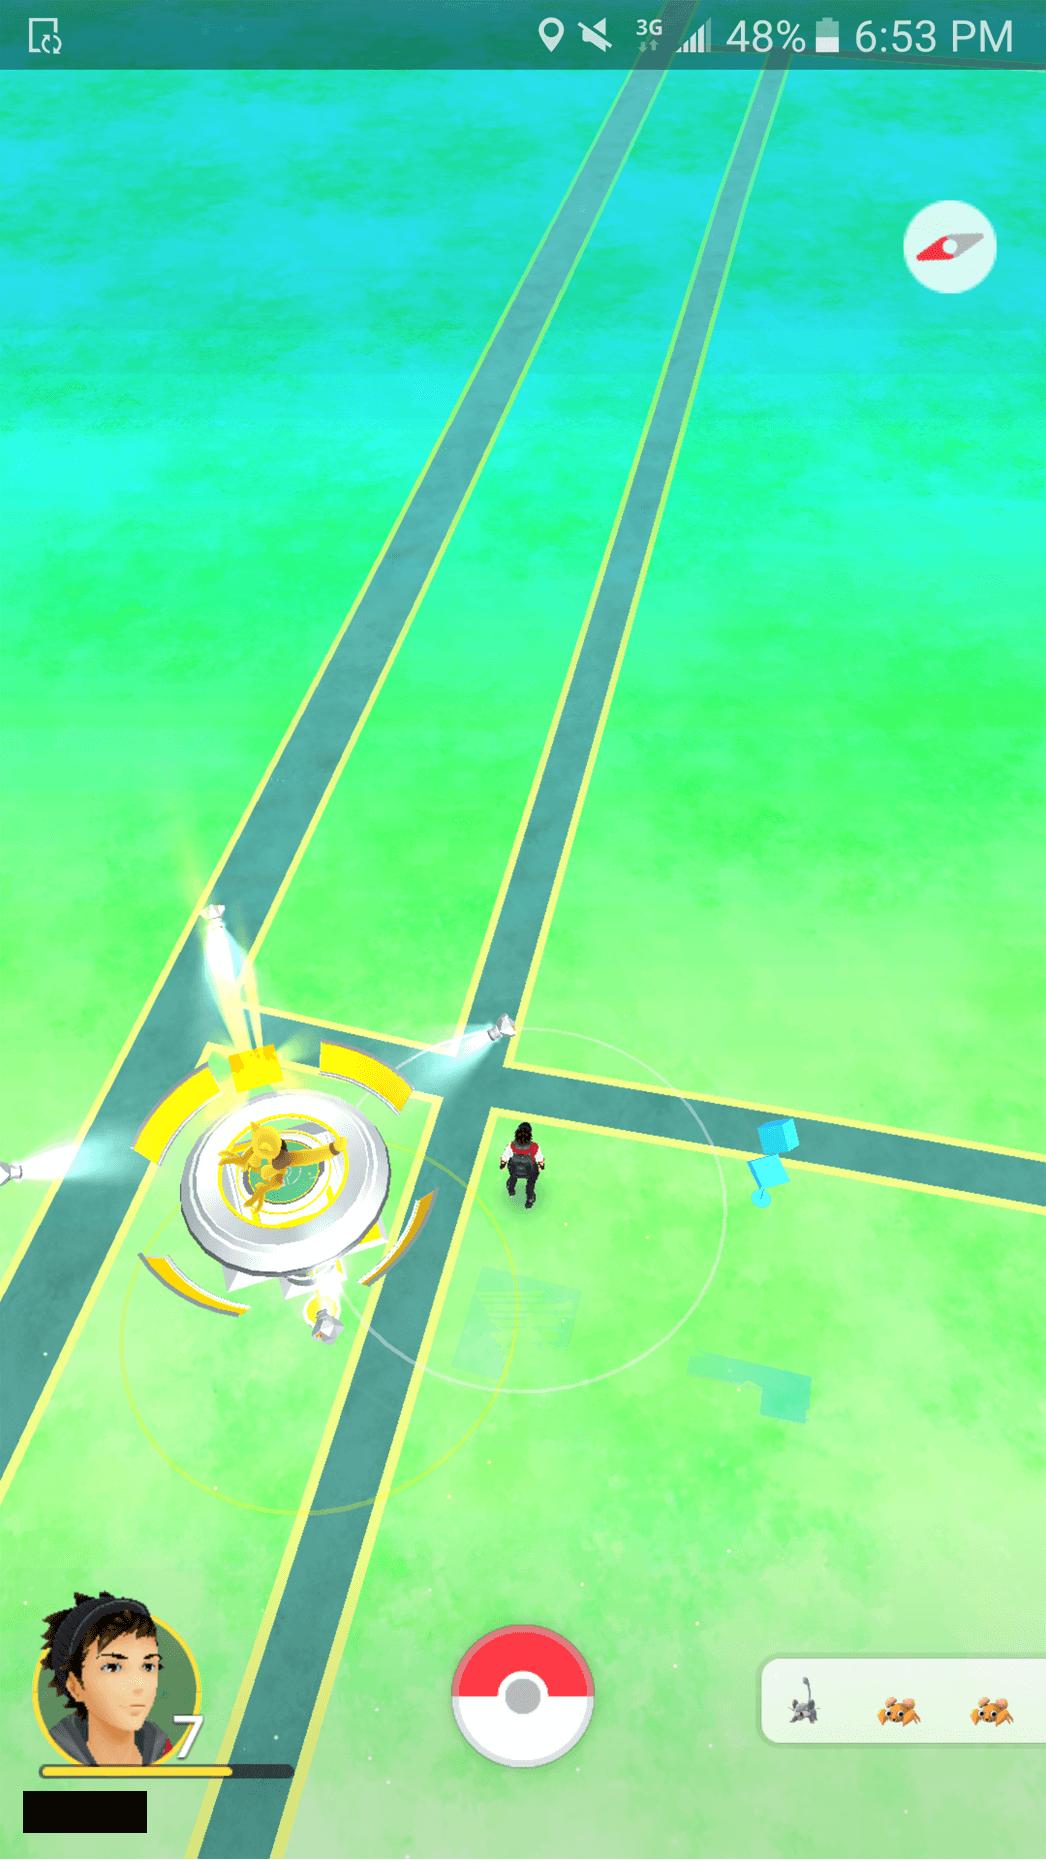 Pokémon GO-Spieler hat sich zu Area 51 begeben und leere